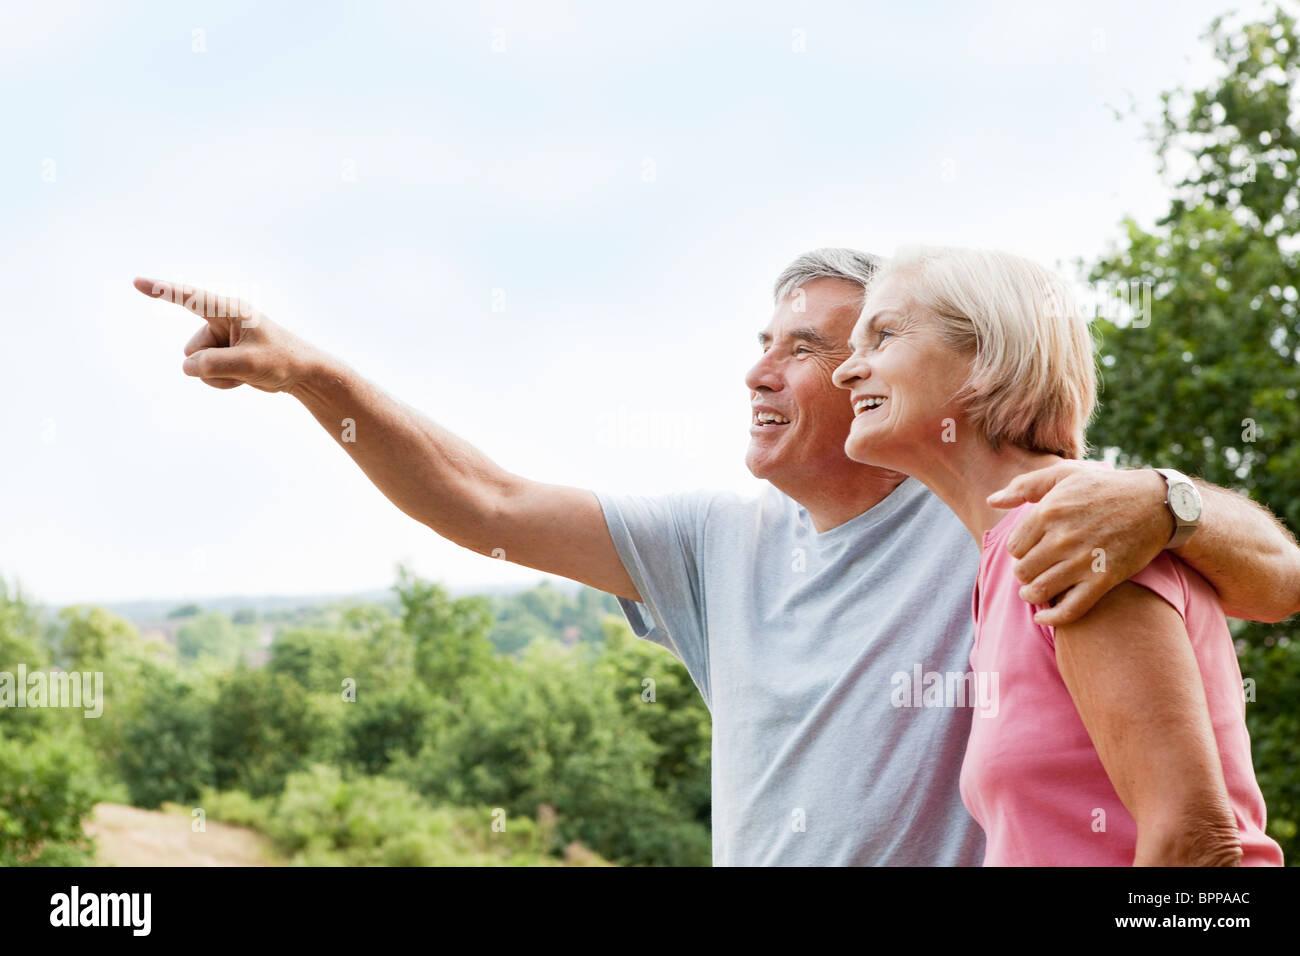 Mature man embracing woman points away - Stock Image